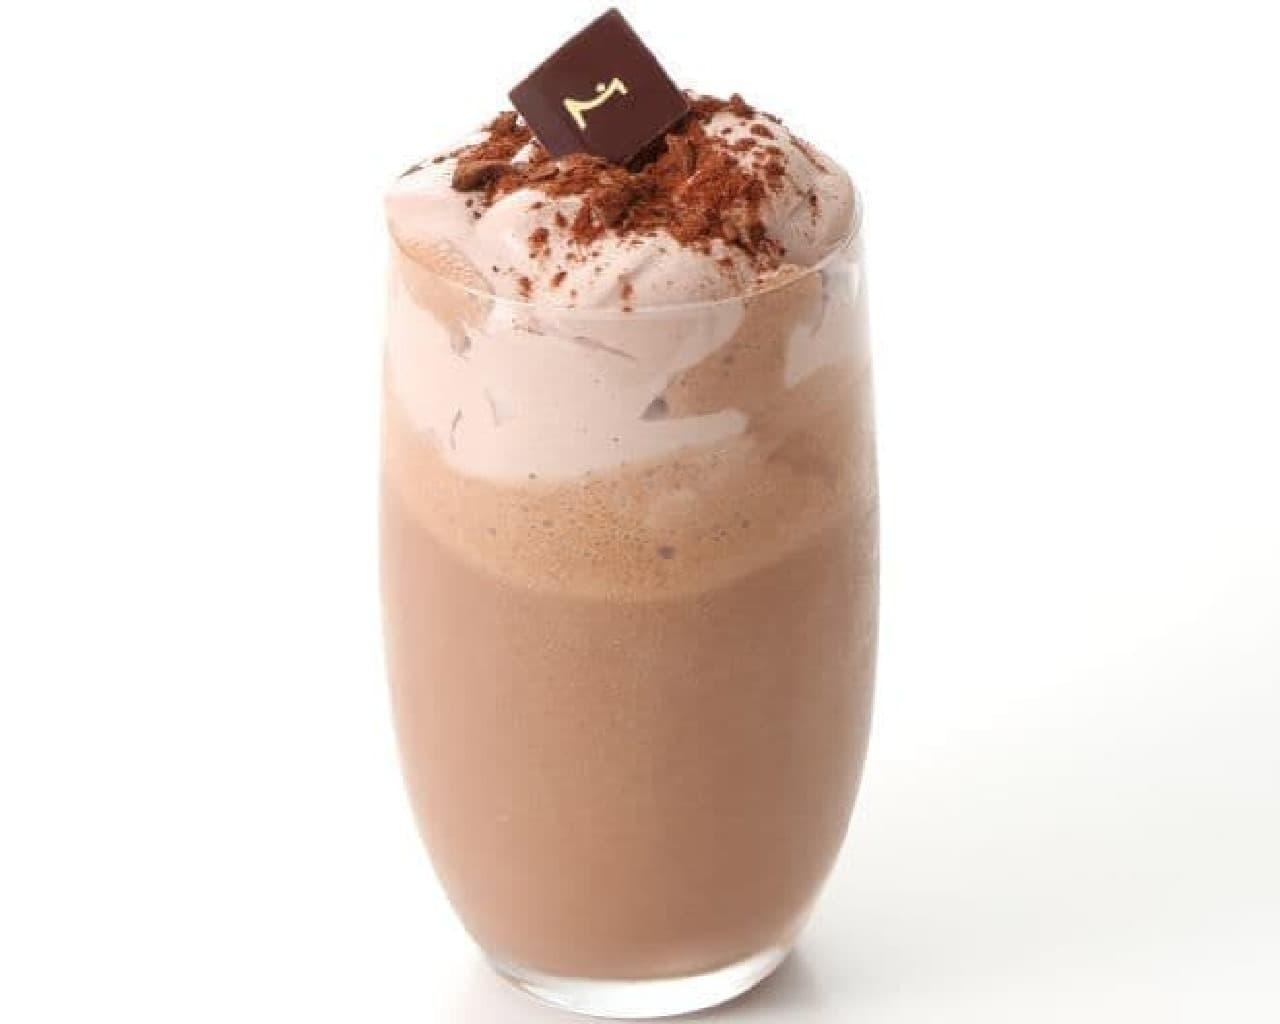 フラッペ ショコラ コレクションは、濃夏にぴったりのショコラベースの冷たいドリンク